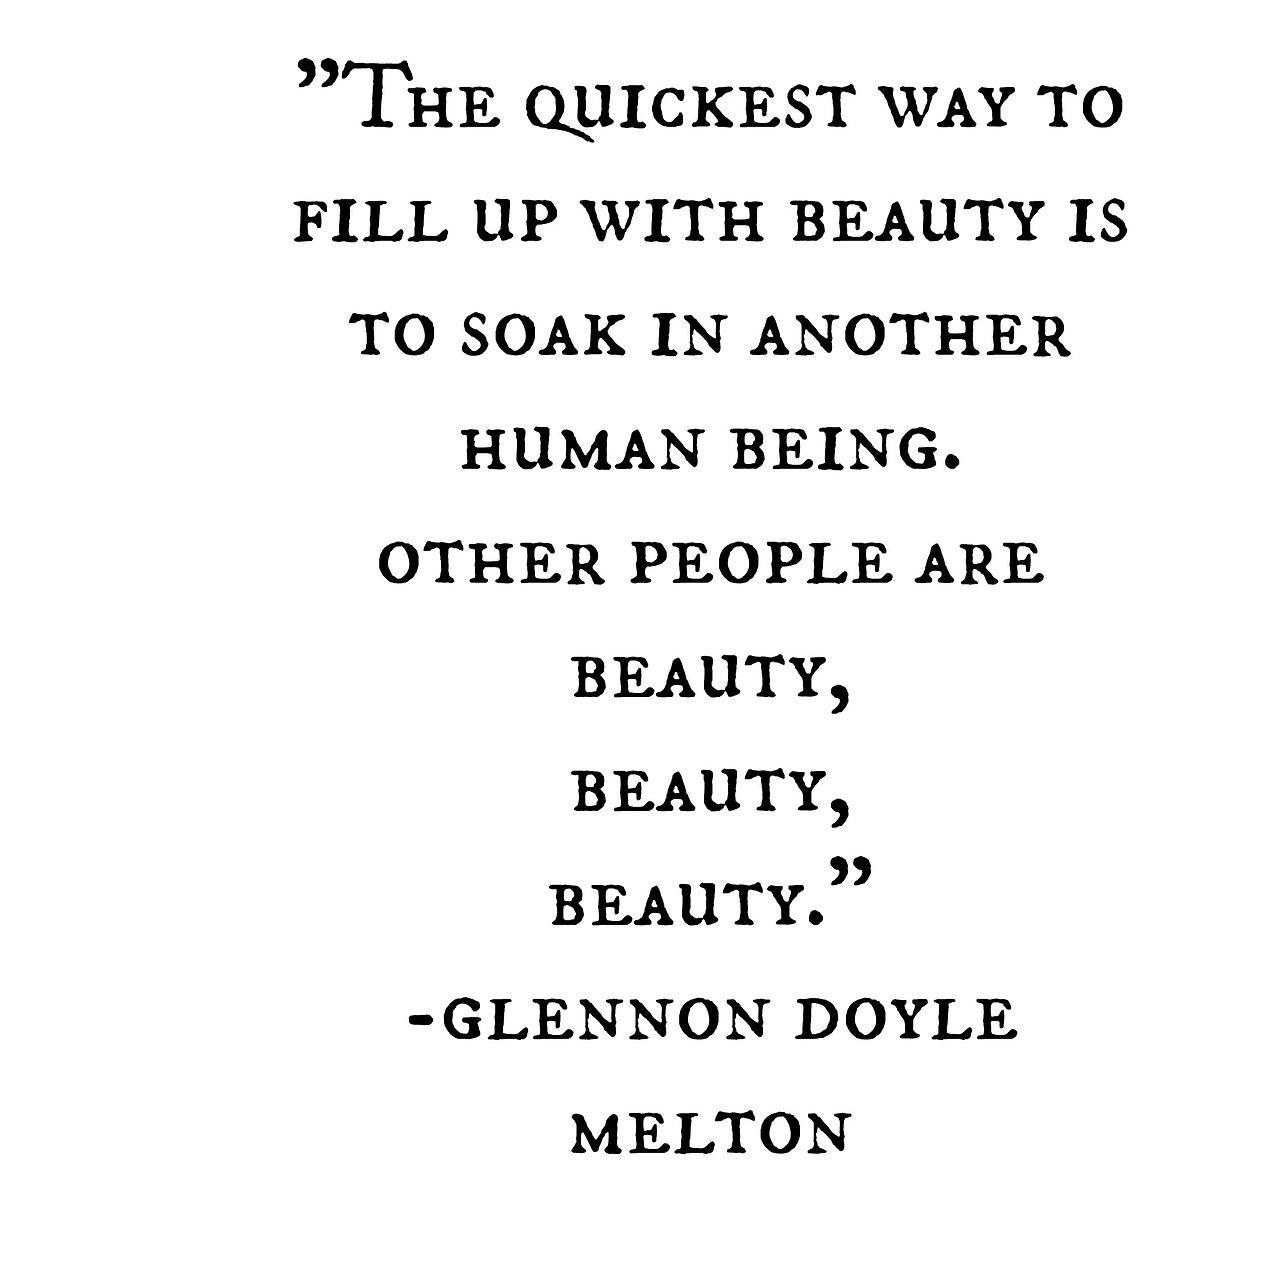 Glennon Doyle Melton Quotes Glennon Doyle Melton   Words   Pinterest  Glennon Doyle Melton .